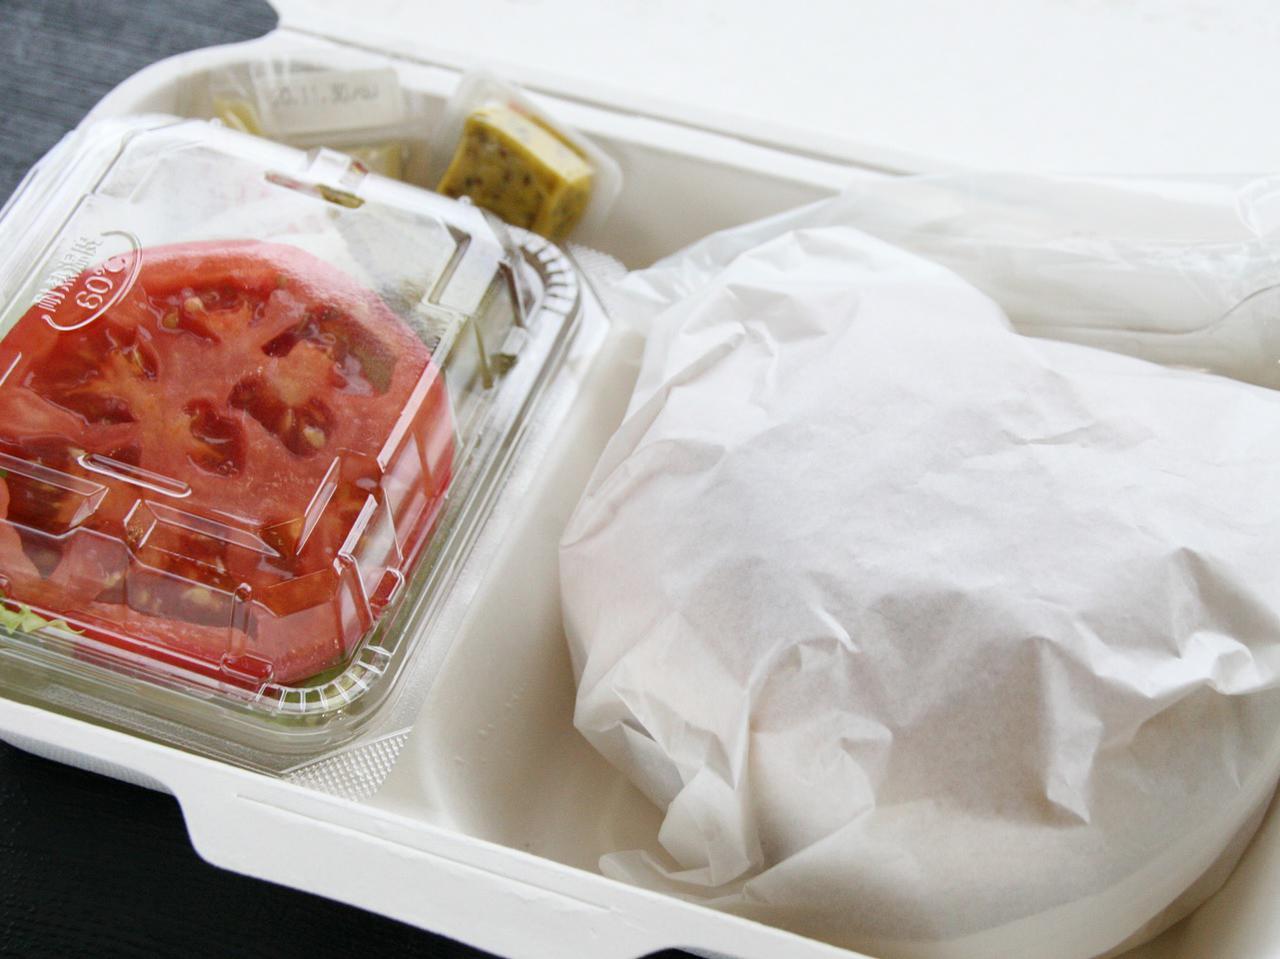 画像: 野菜が別添えゆえ、包装されたバンズ&パテをレンジで温めてもシャキシャキ野菜と合わせられる